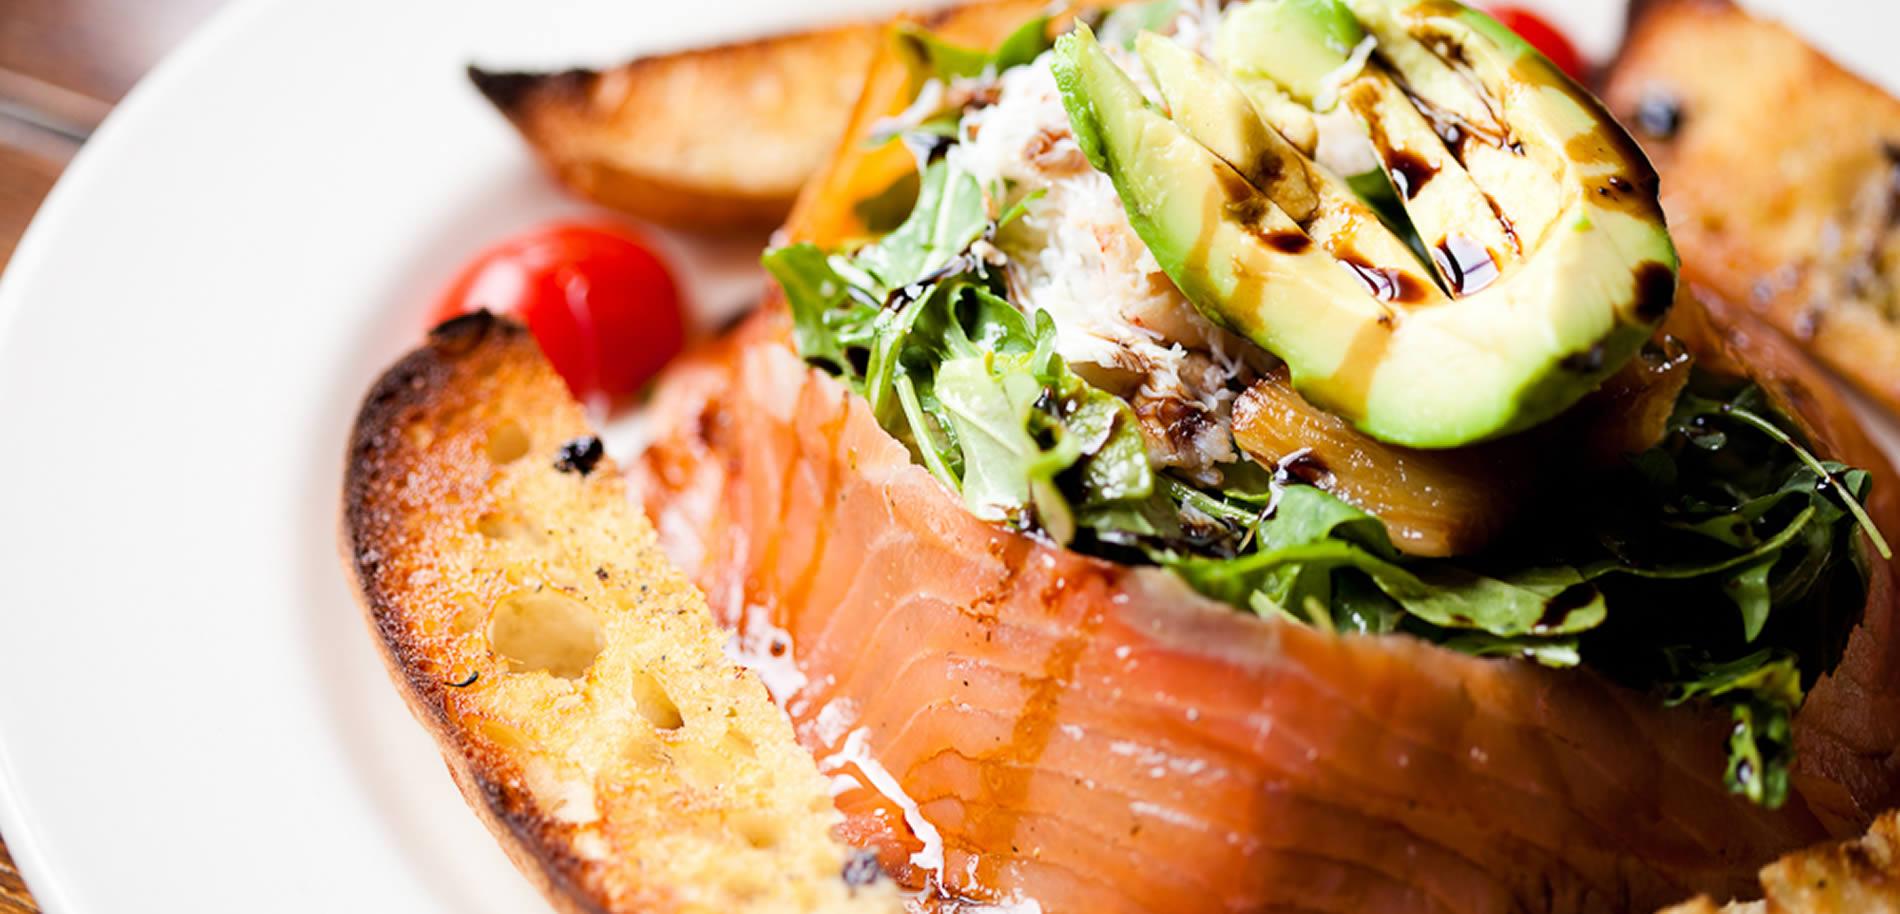 salad@2x.jpg